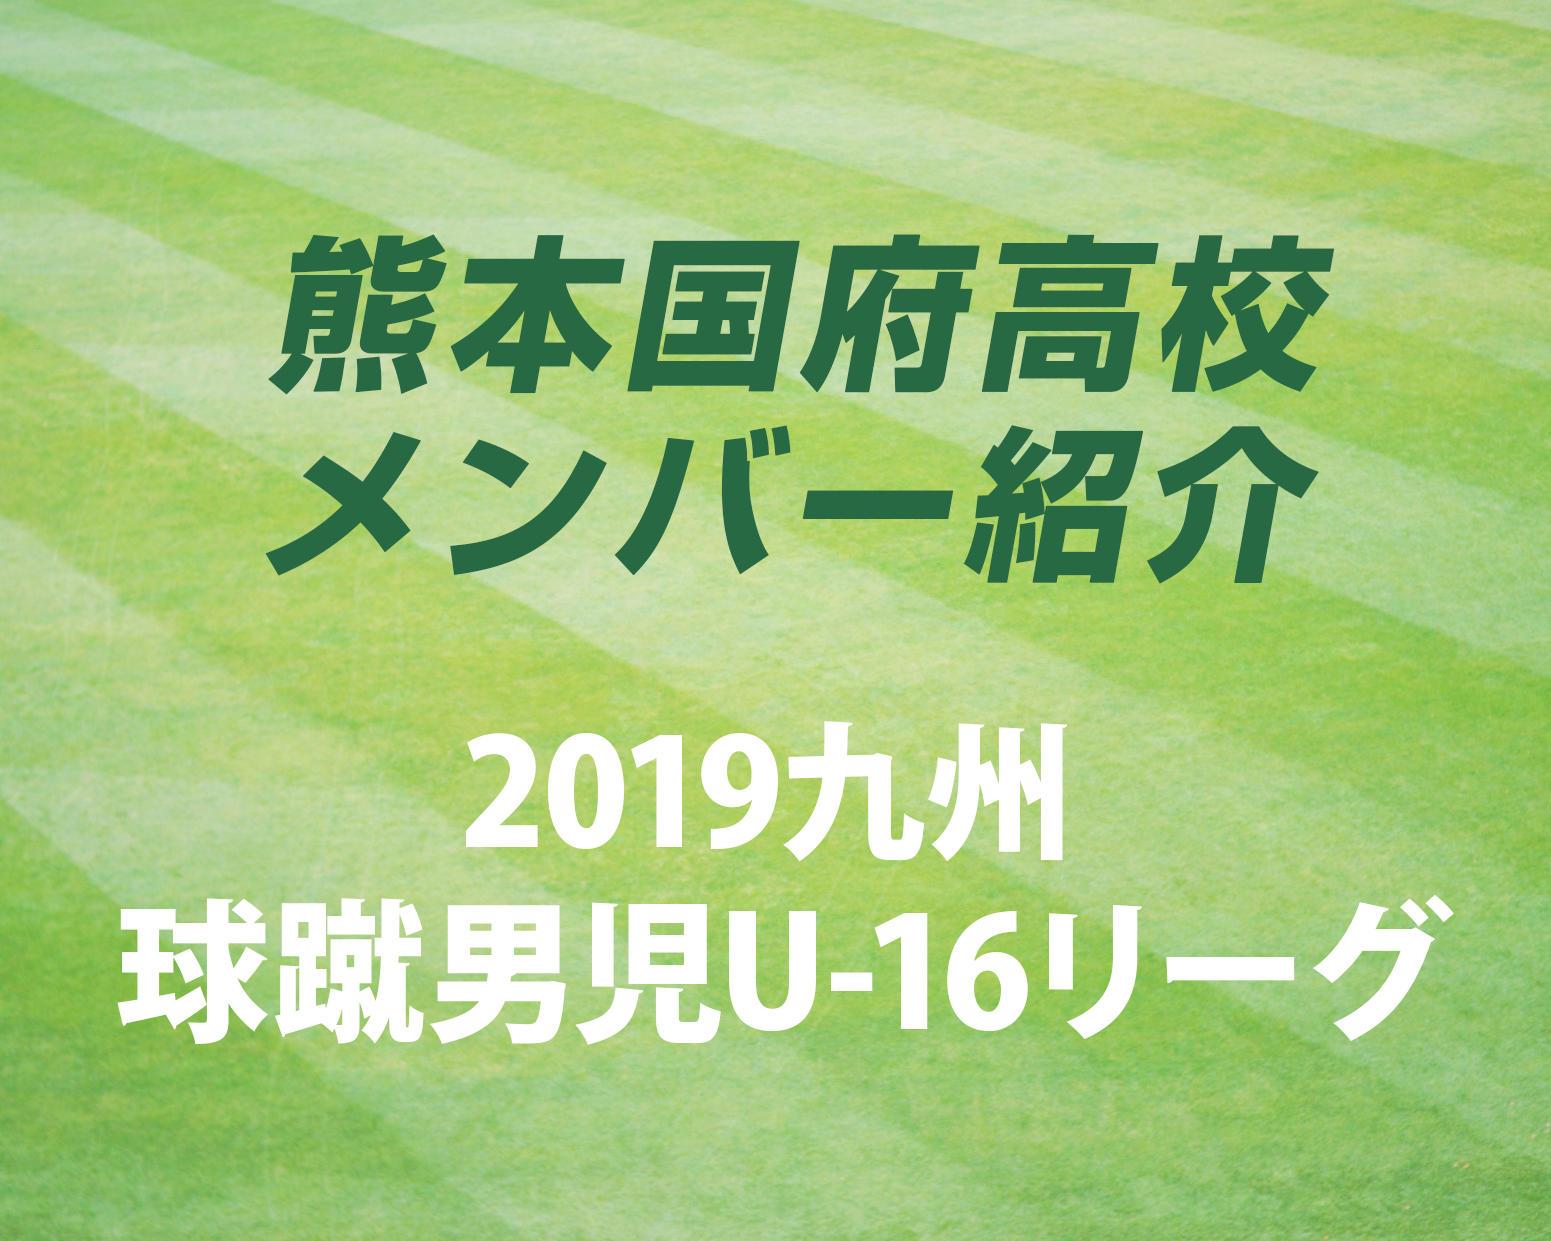 熊本の強豪・熊本国府高校サッカー部のメンバー紹介!(2019 球蹴男児U-16  D1リーグ)